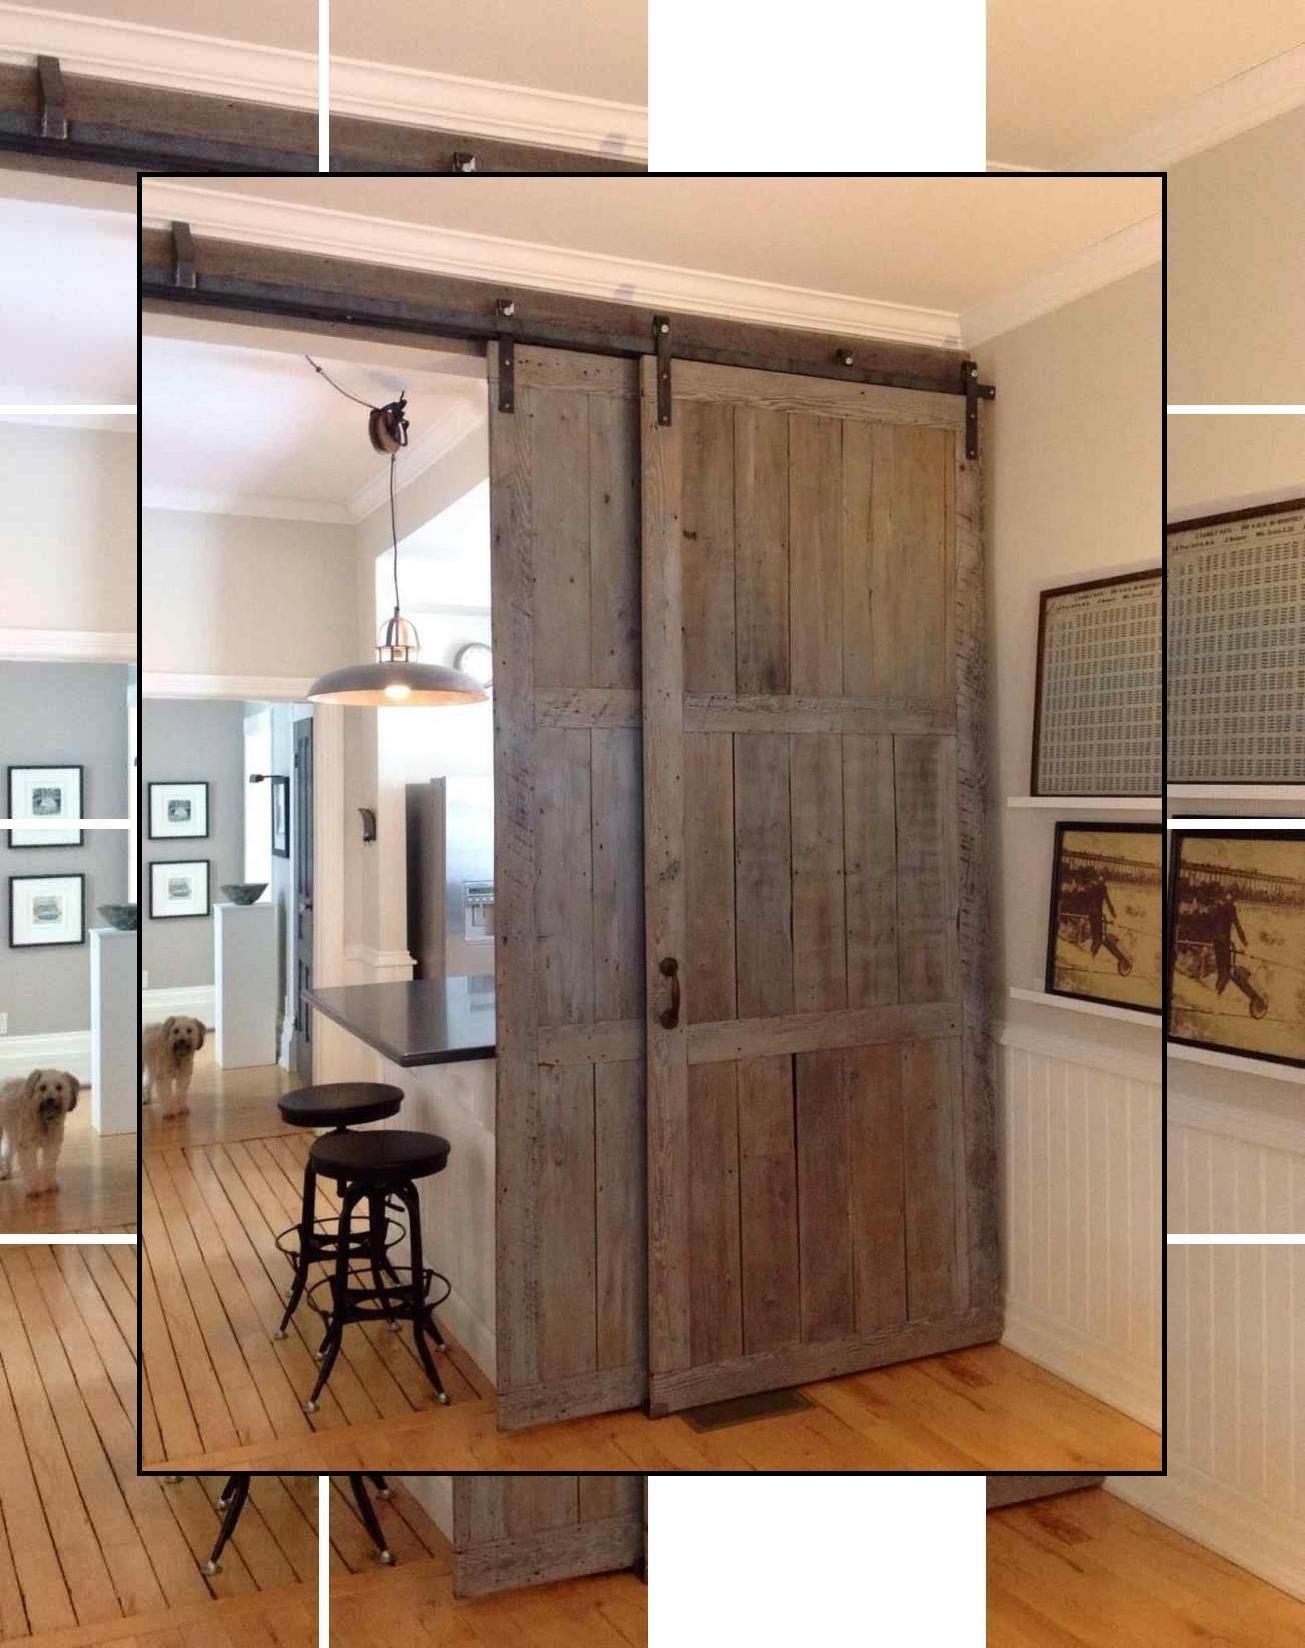 Exterior Barn Doors Contemporary Sliding Barn Doors Shaker Style Interior Doors Doors Interior Indoor Barn Doors Exterior Barn Doors